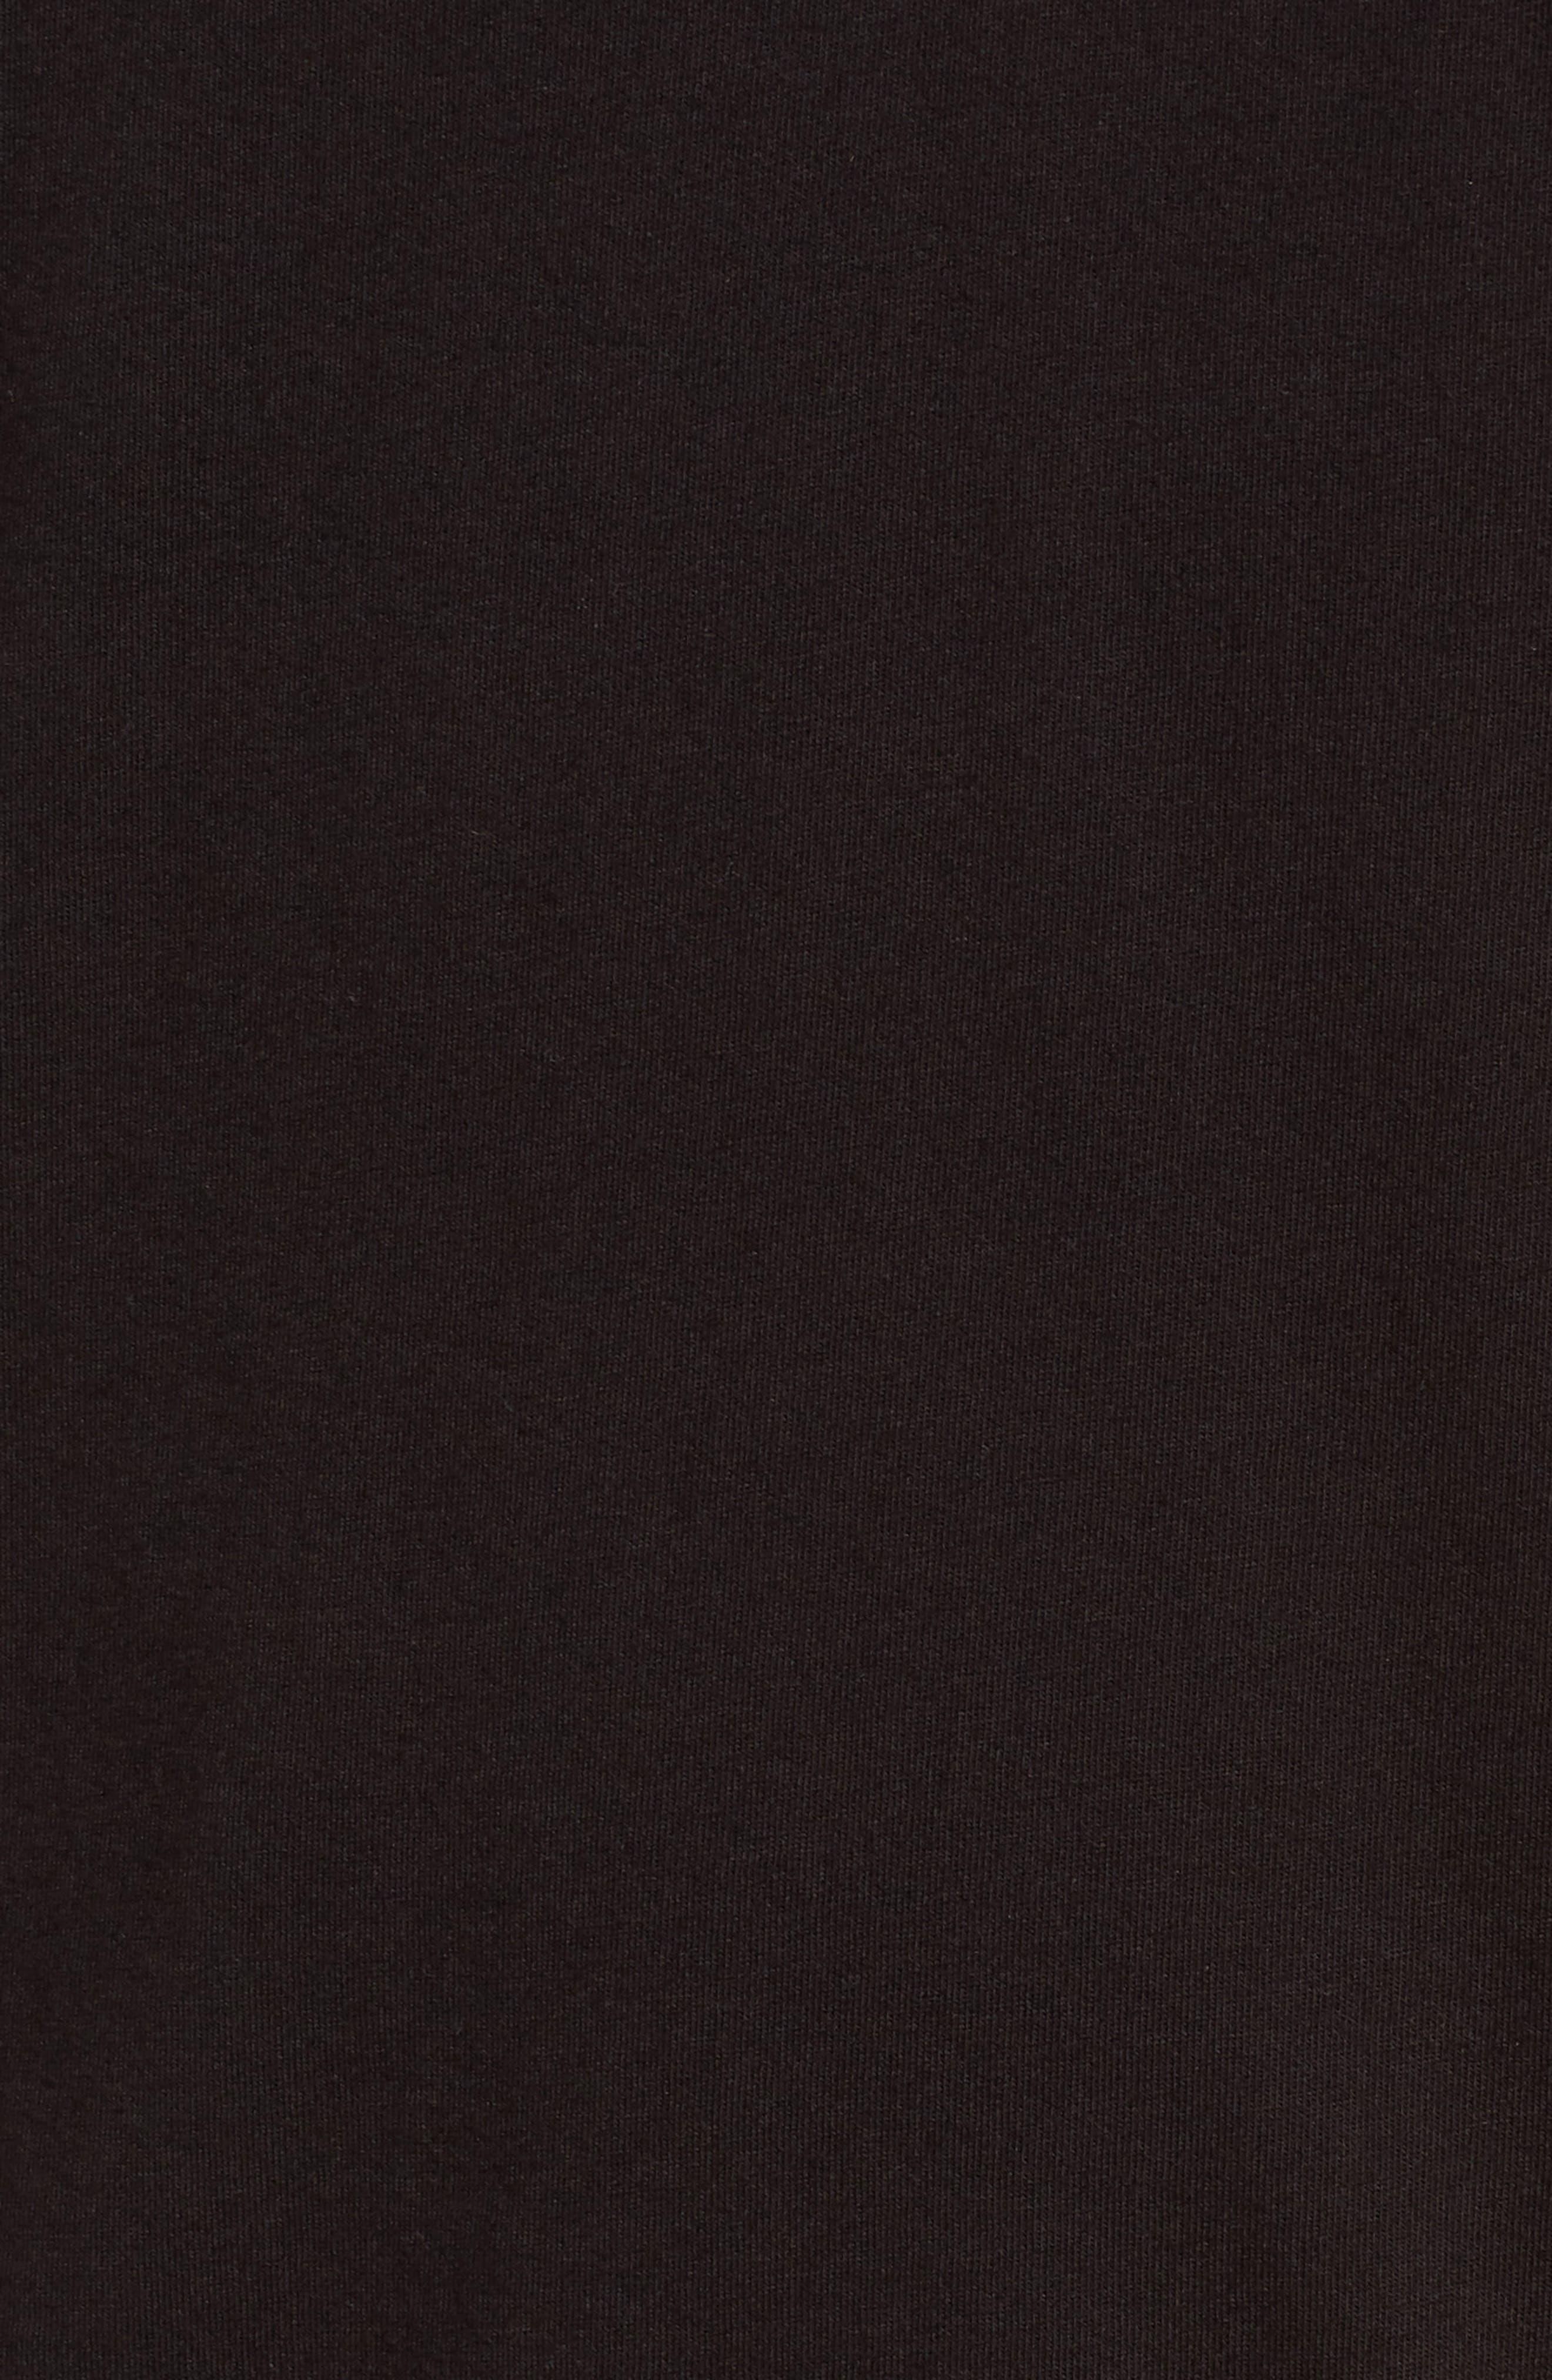 Short Sleeve Henley,                             Alternate thumbnail 5, color,                             Black